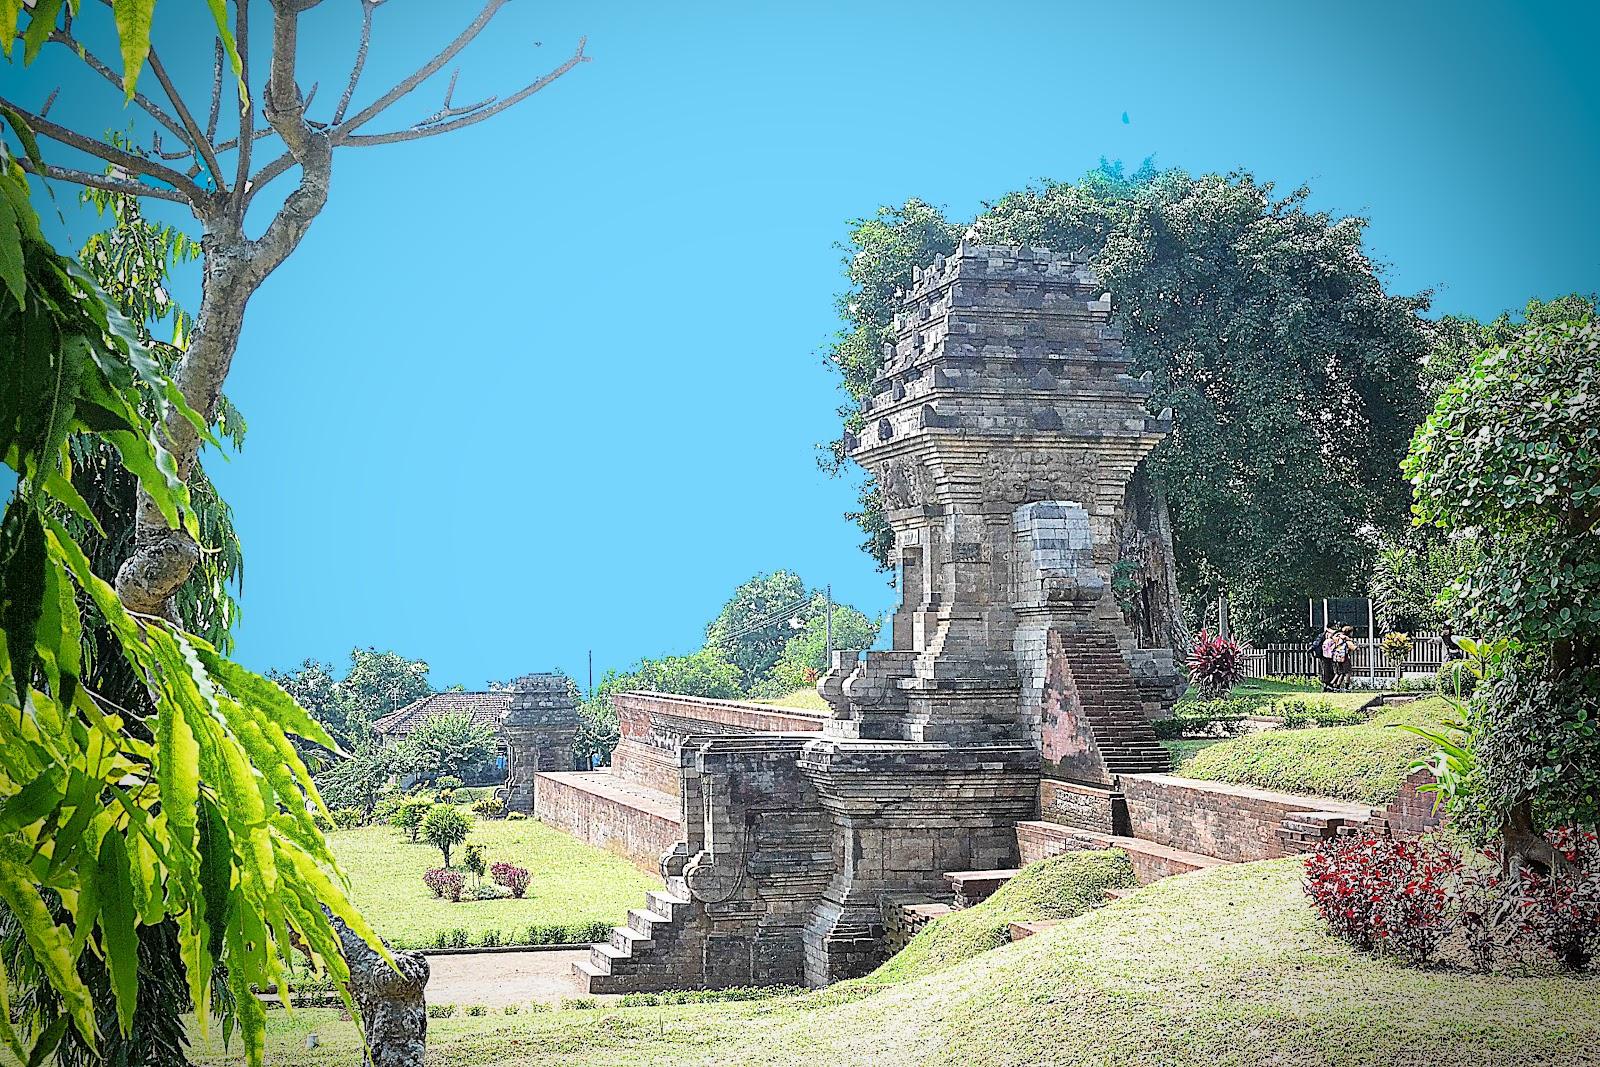 Seni Arsitektur Candi Jedong Ngoro Terletak Desa Wotanmas Kecamatan Kabupaten